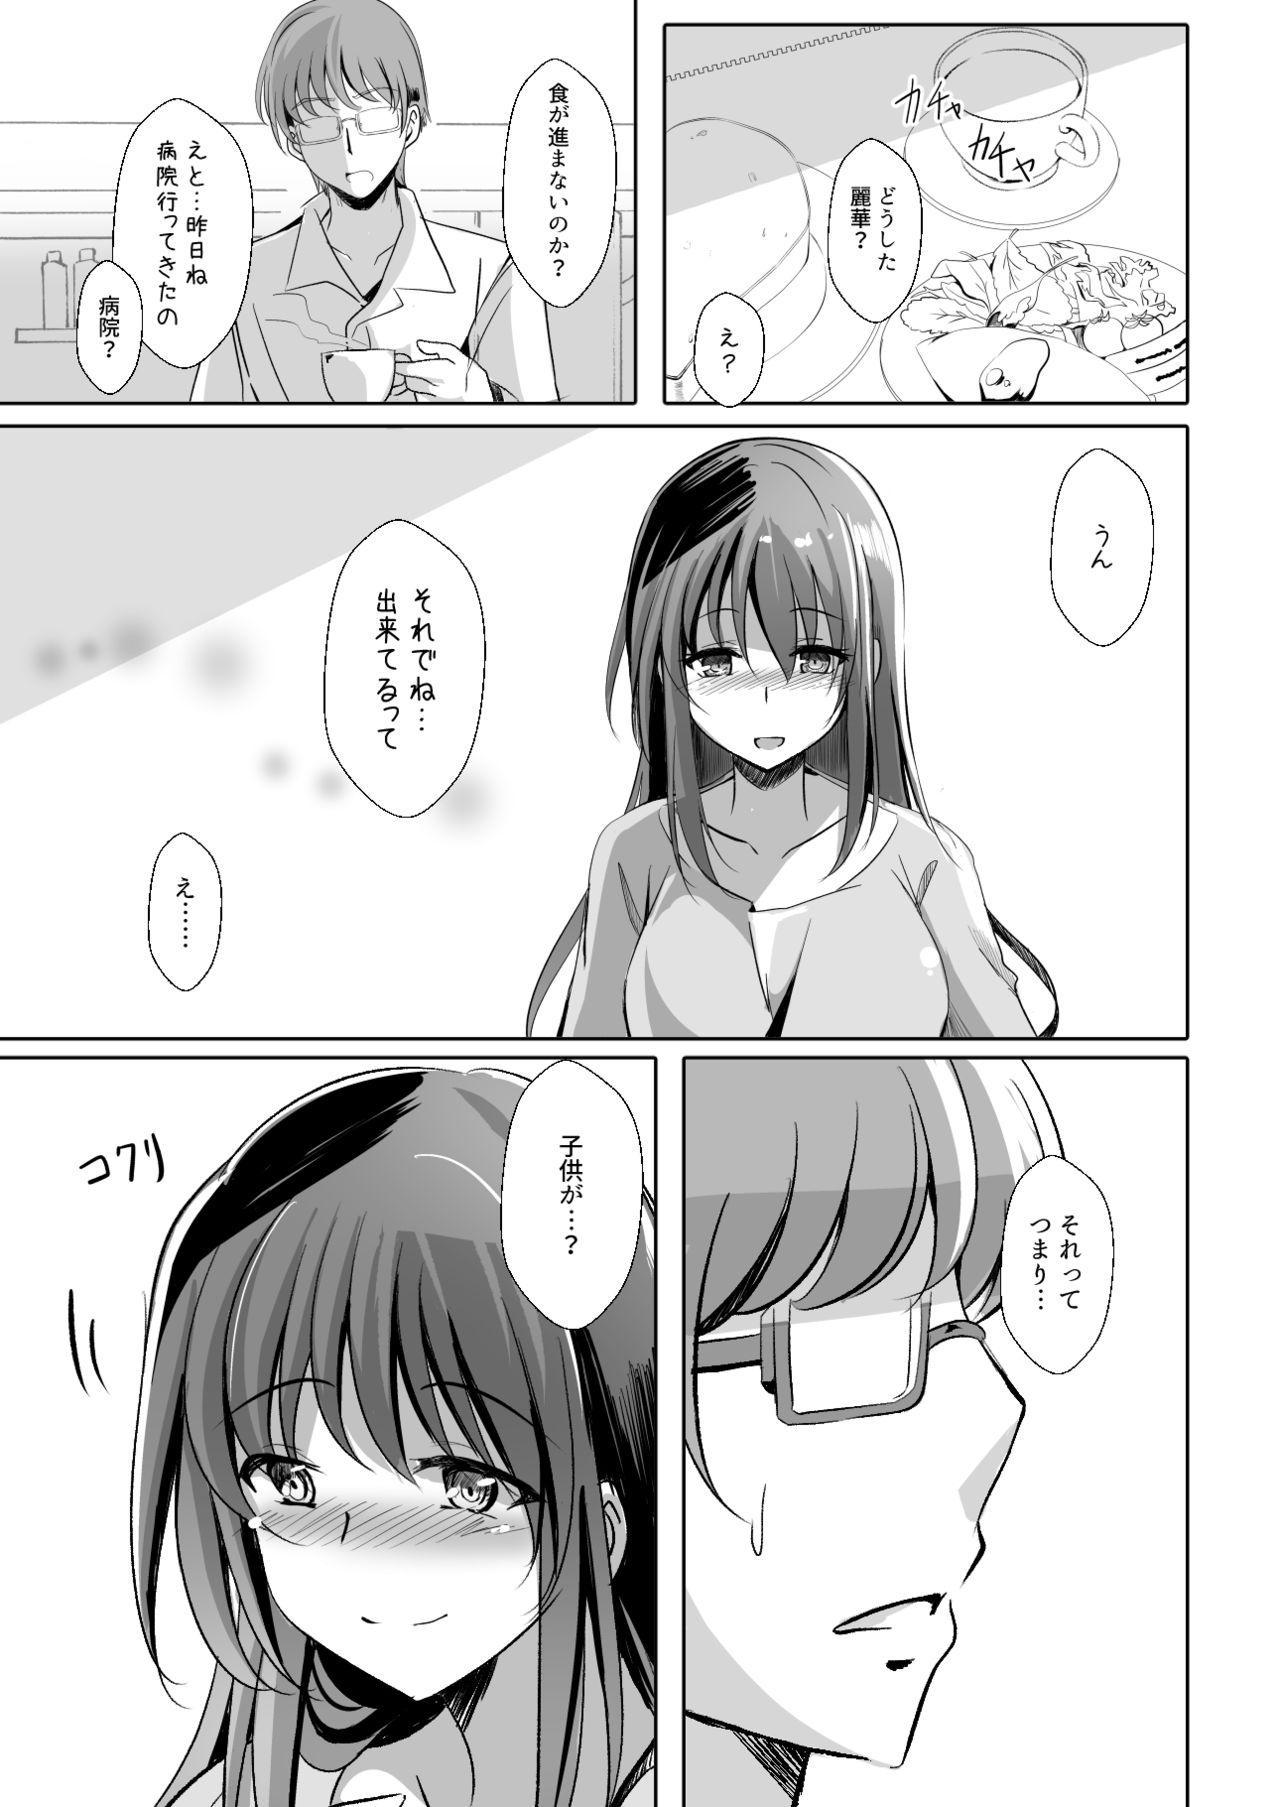 Hitozuma o Saimin Ecchi de Haramaseru made 18